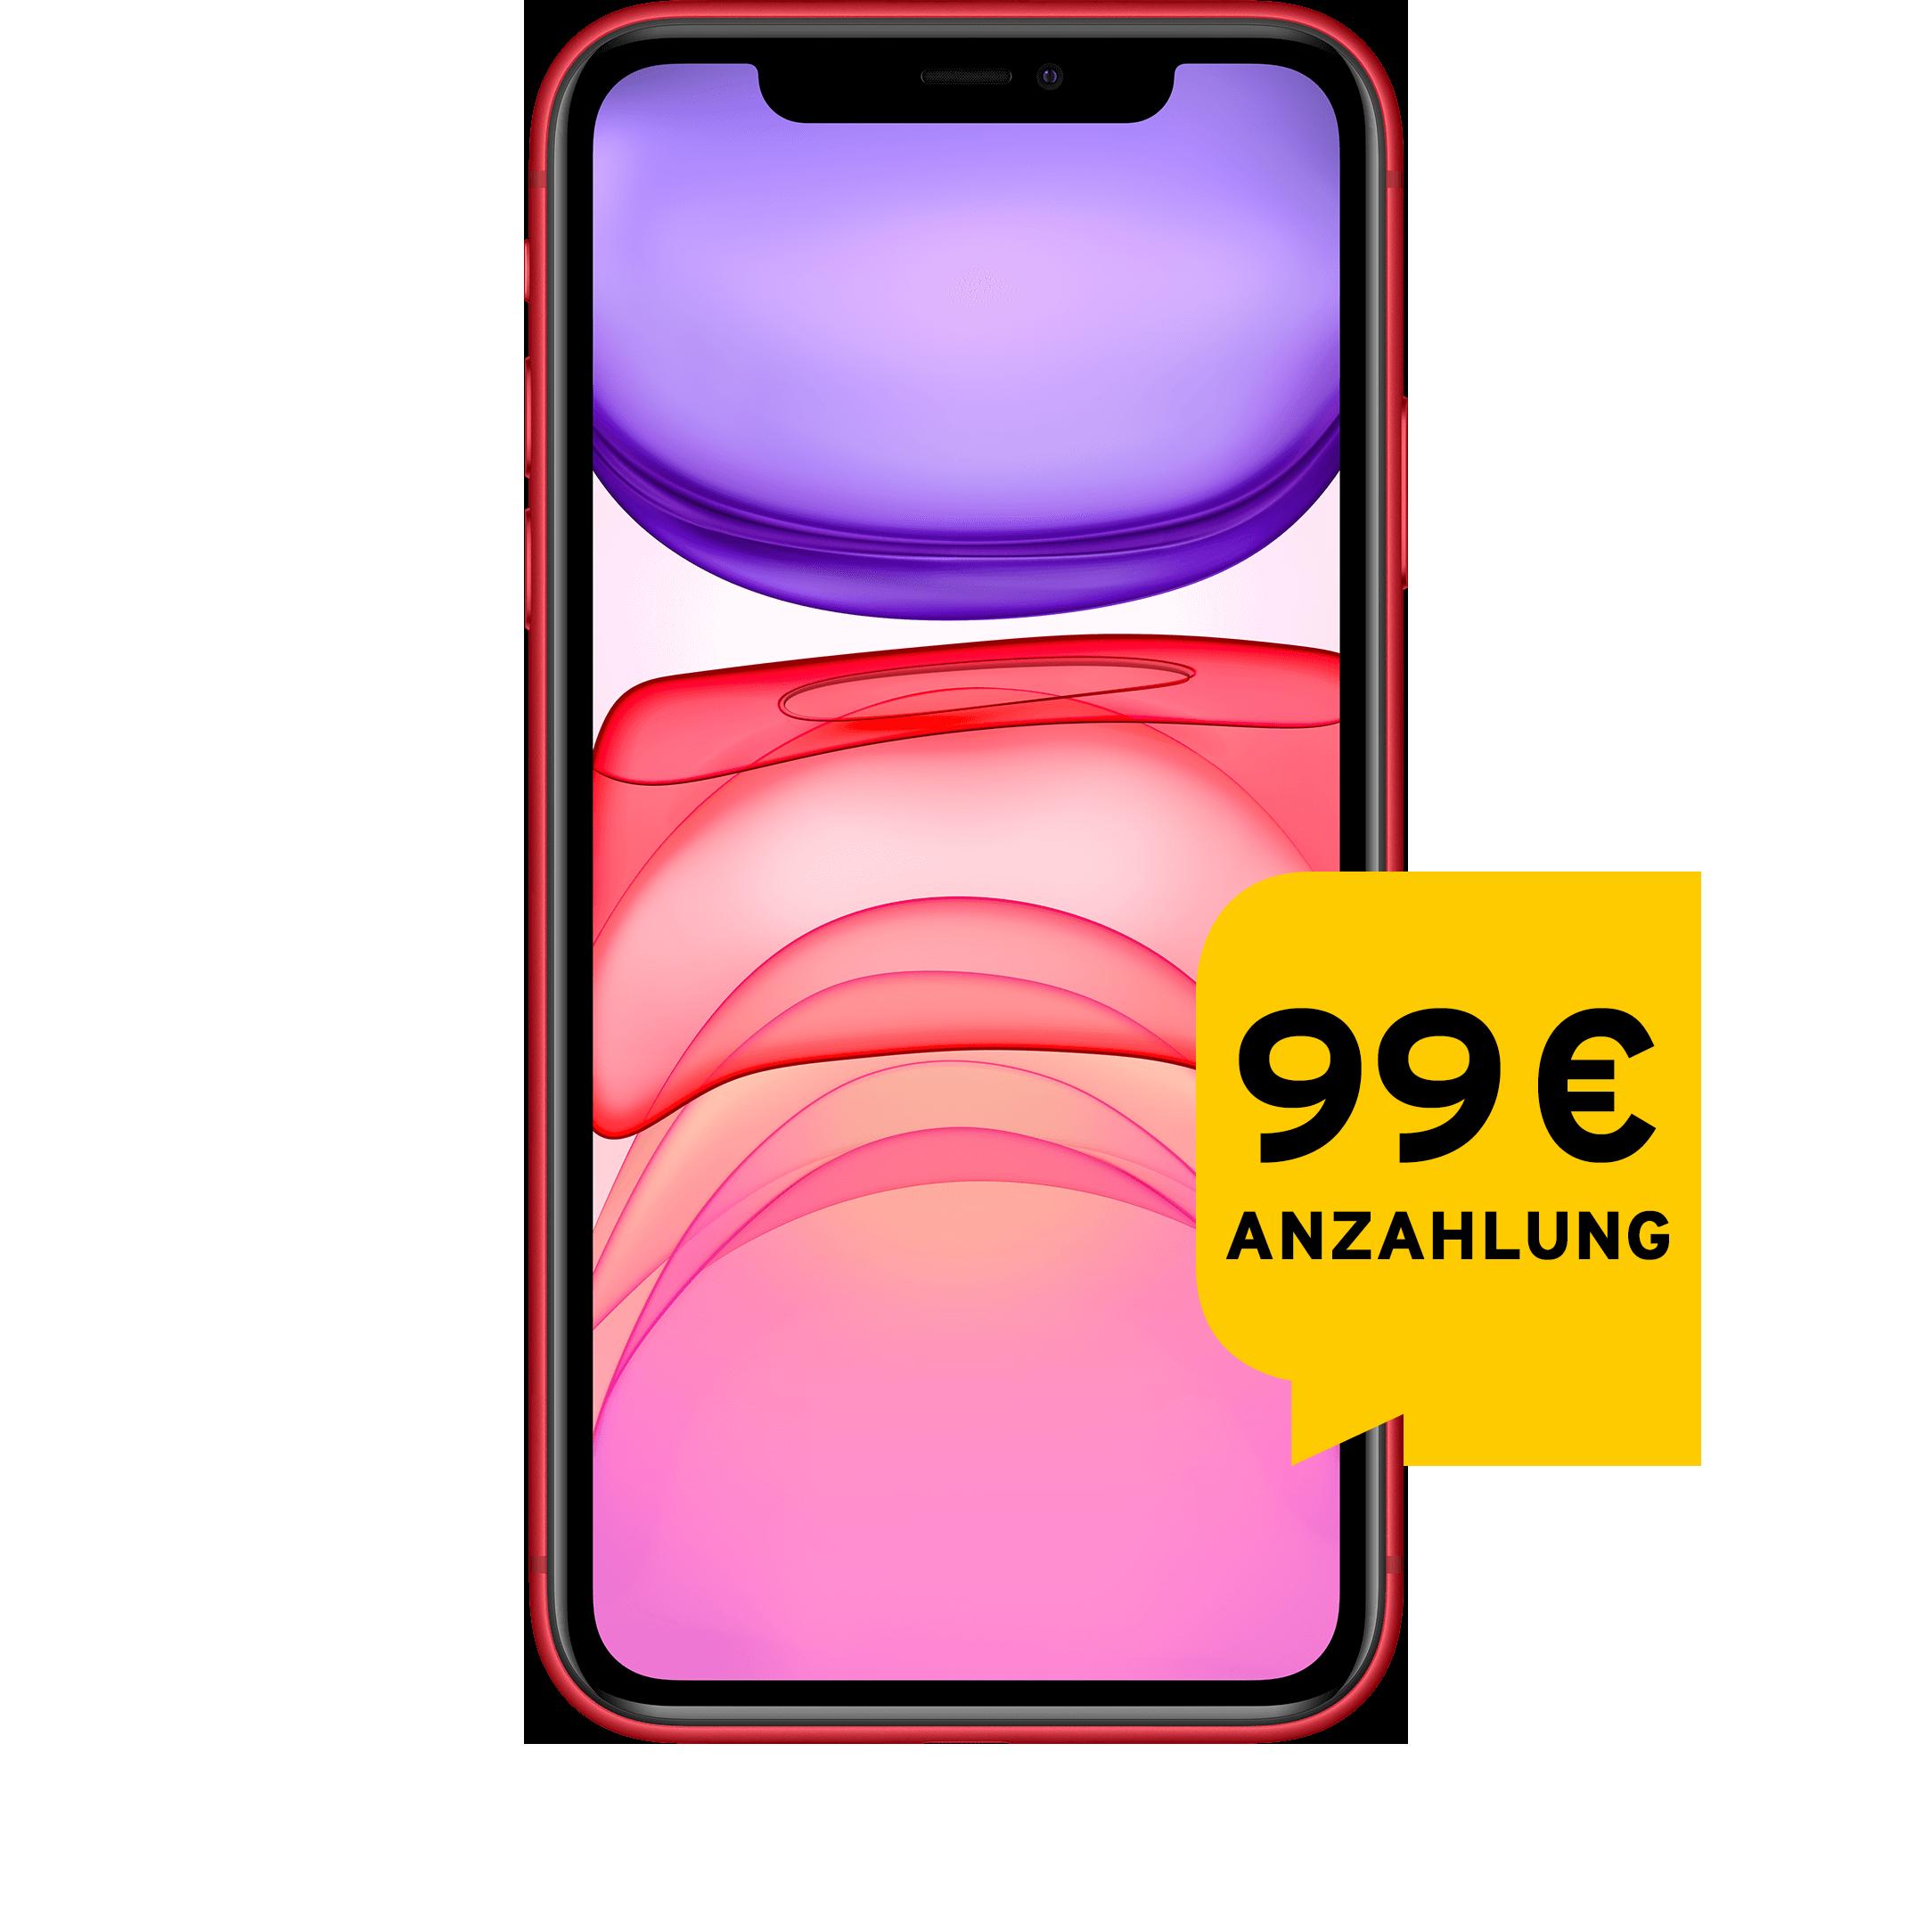 Günstig Kaufen beim Preisvergleich-Apple iPhone 11 64 GB rot Aktion mit Allnet Flat L